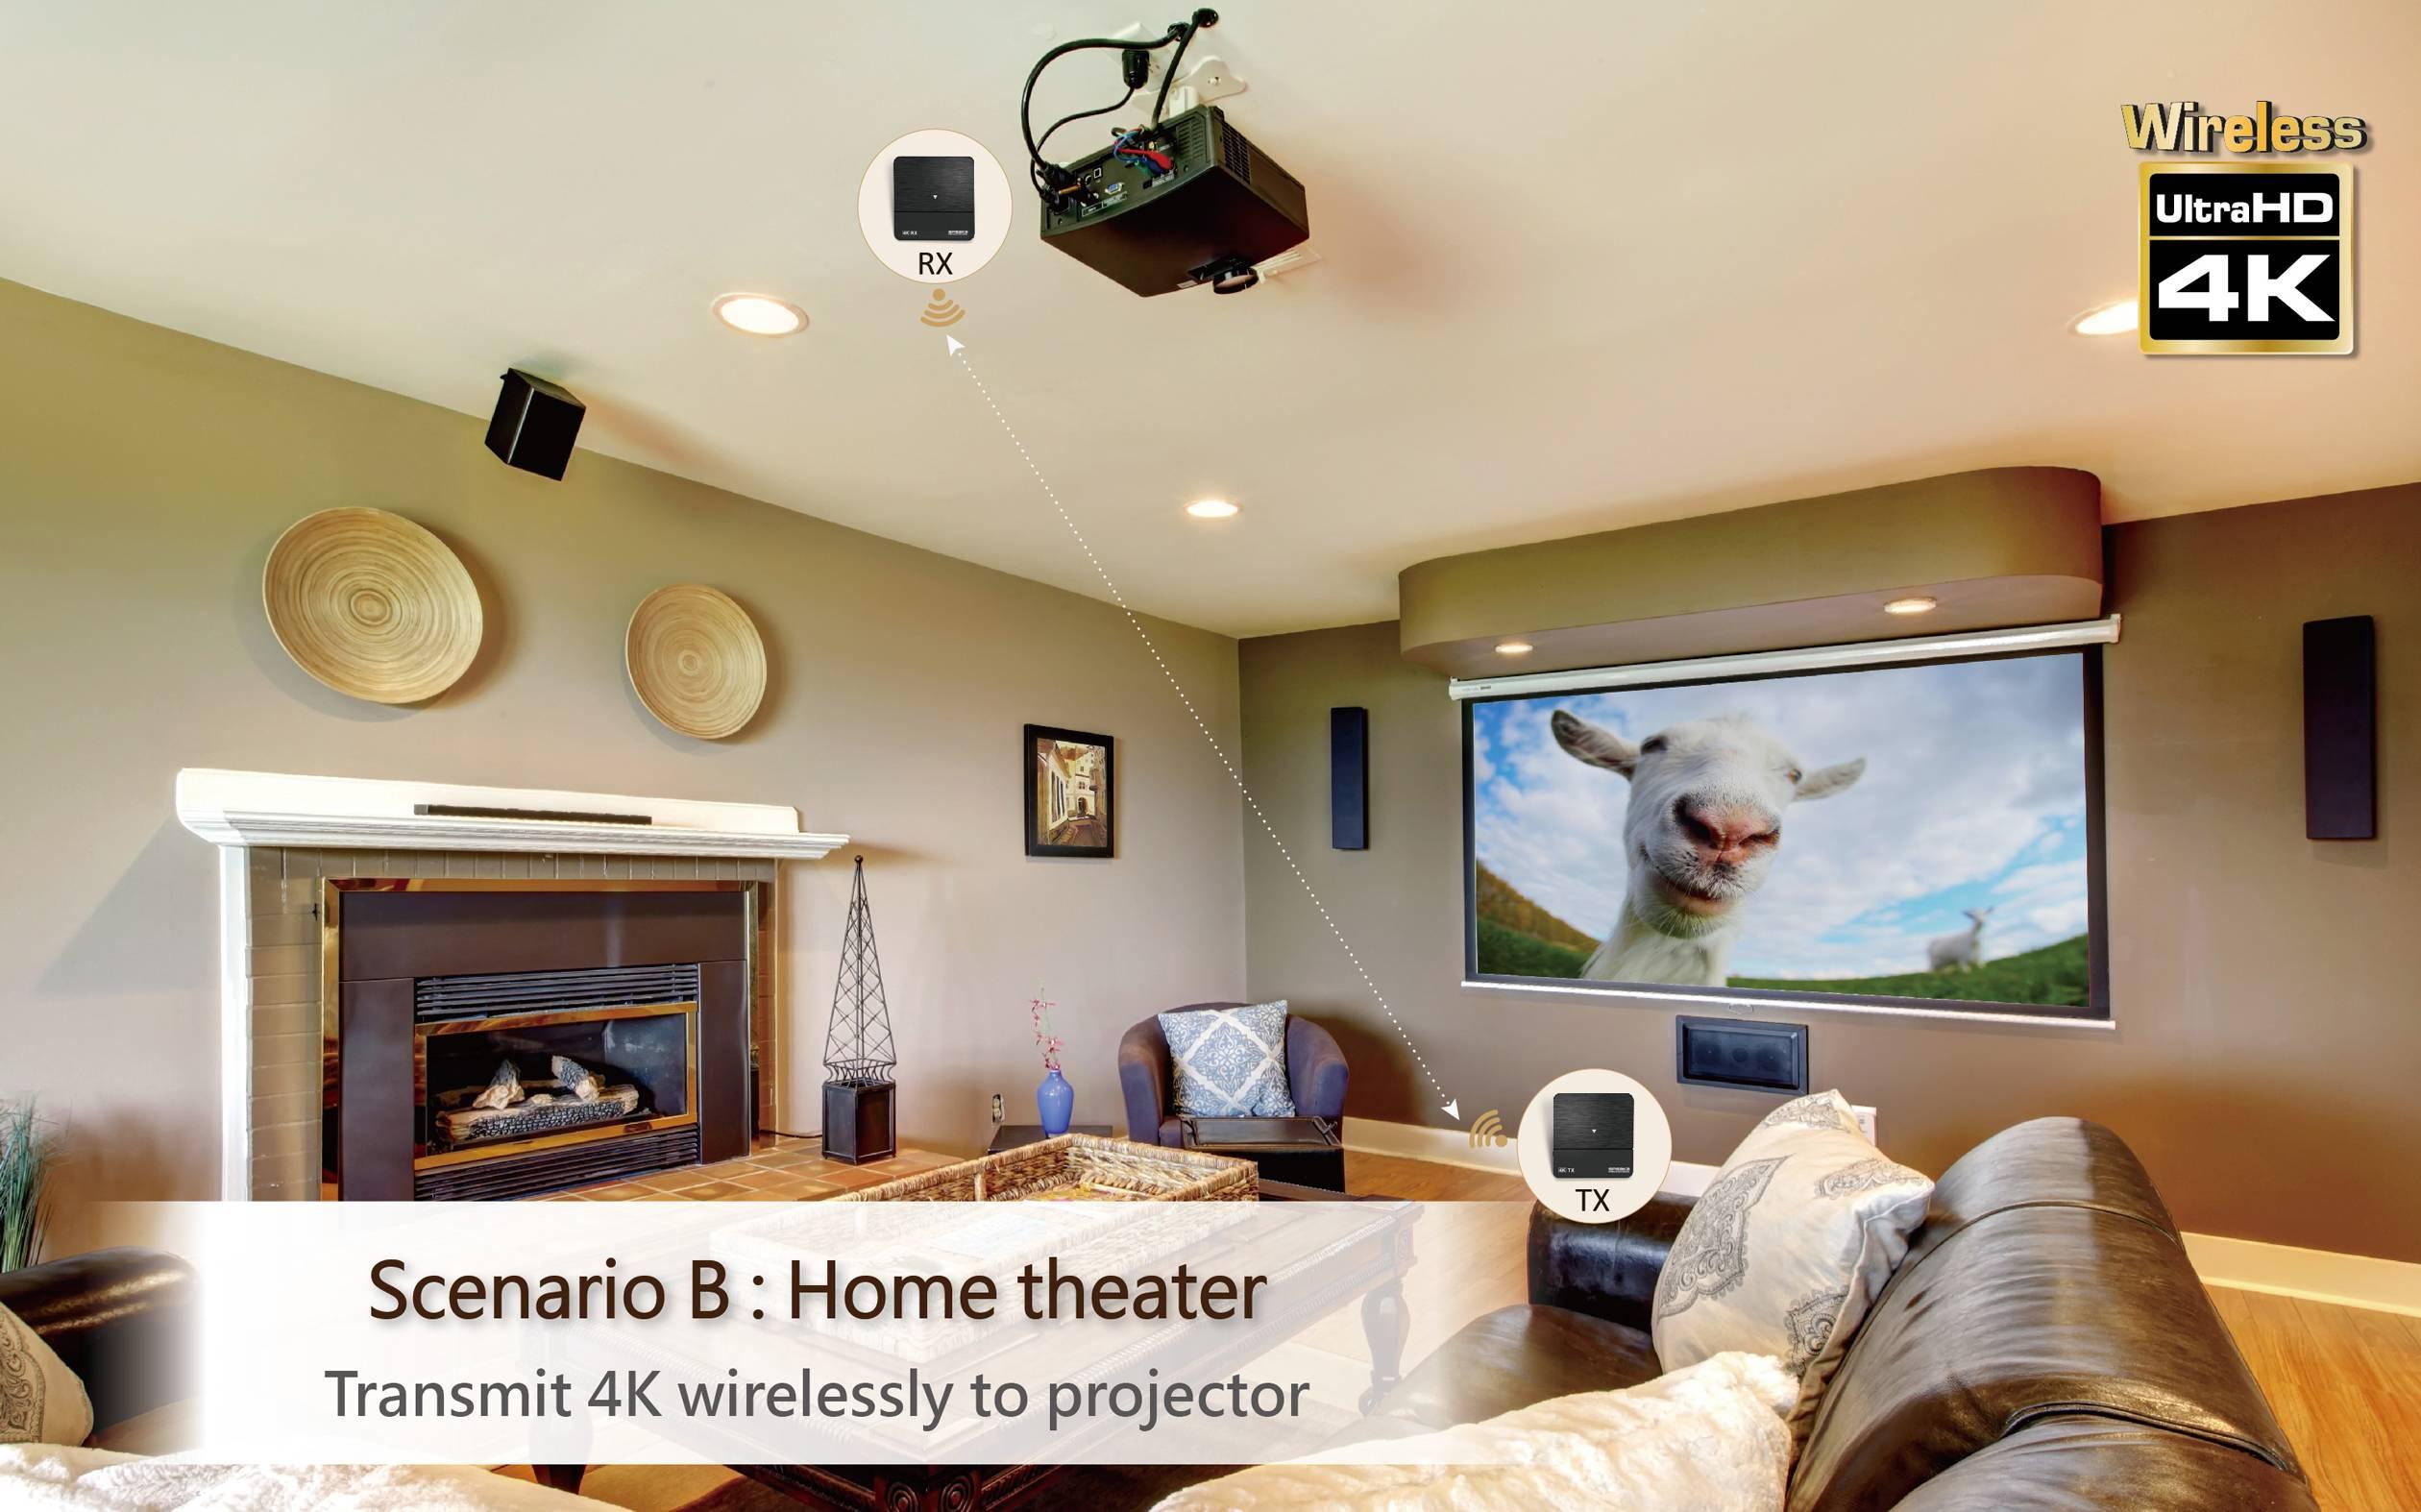 SpeaKa Professional SP-HDFS-02 HDMI naprava za brezžični prenos (komplet) 10 m 60 GHz 3840 x 2160 piksel